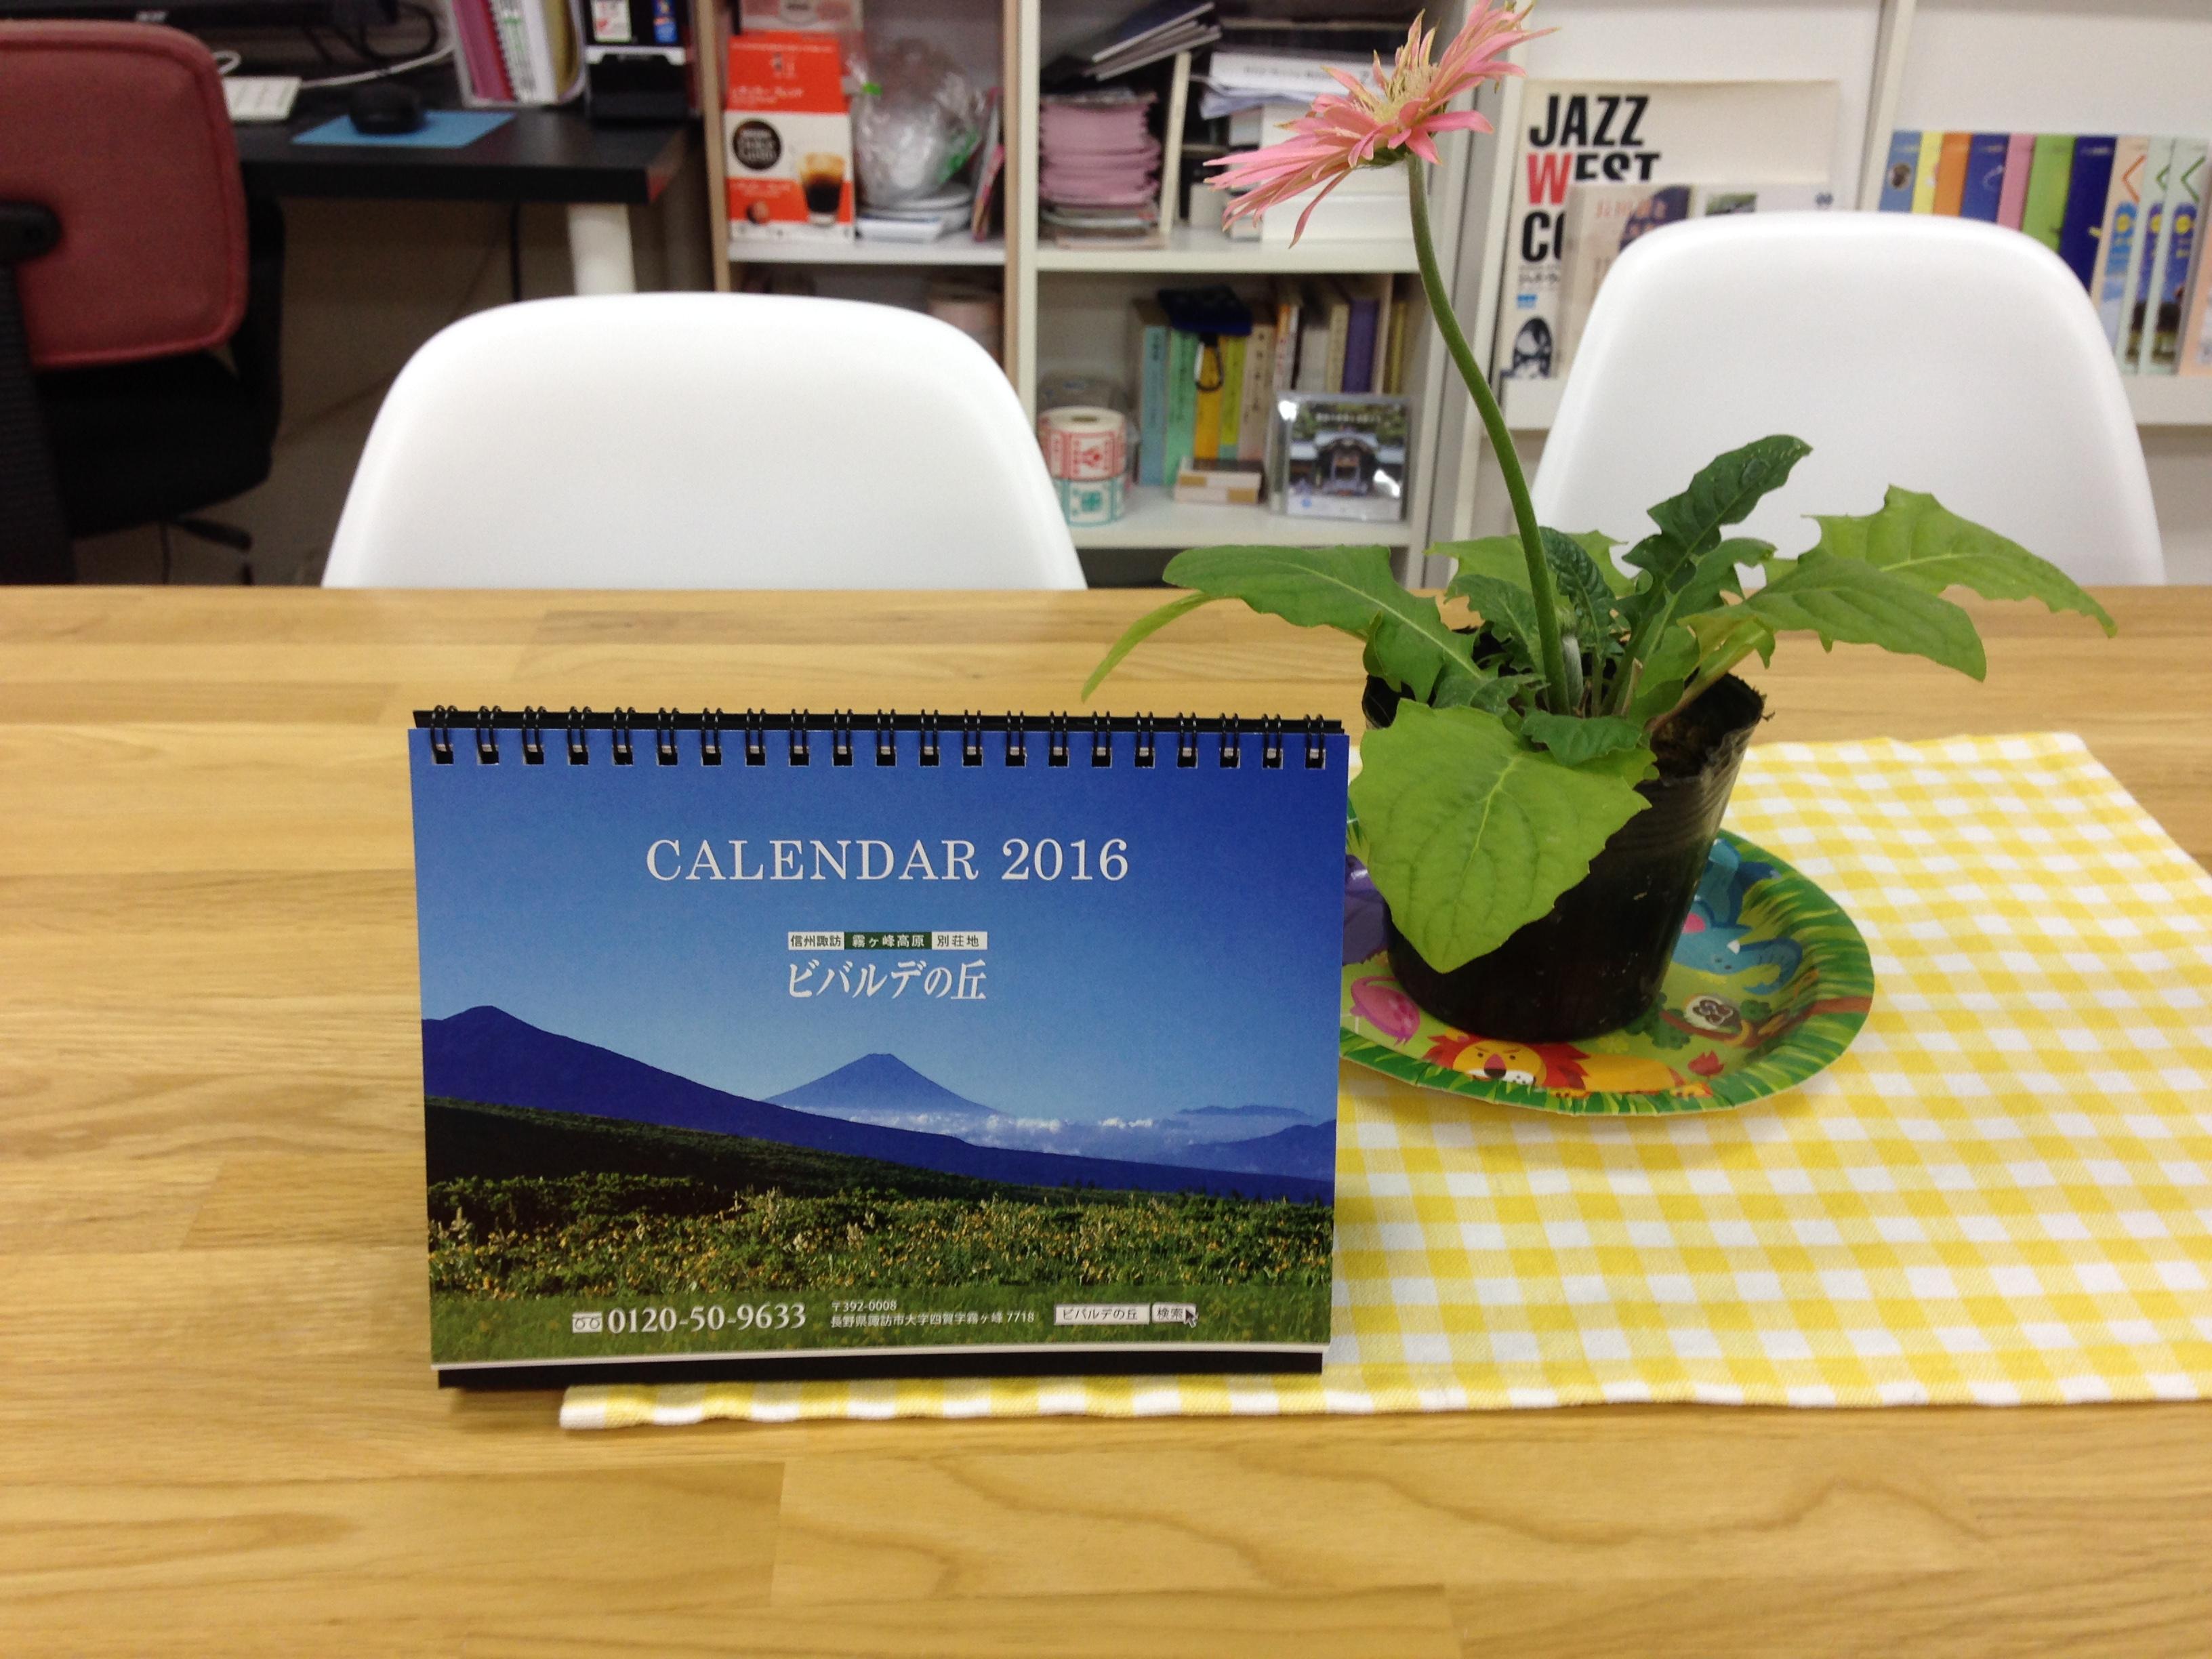 ビバルデの丘様のリングカレンダーが完成しました。